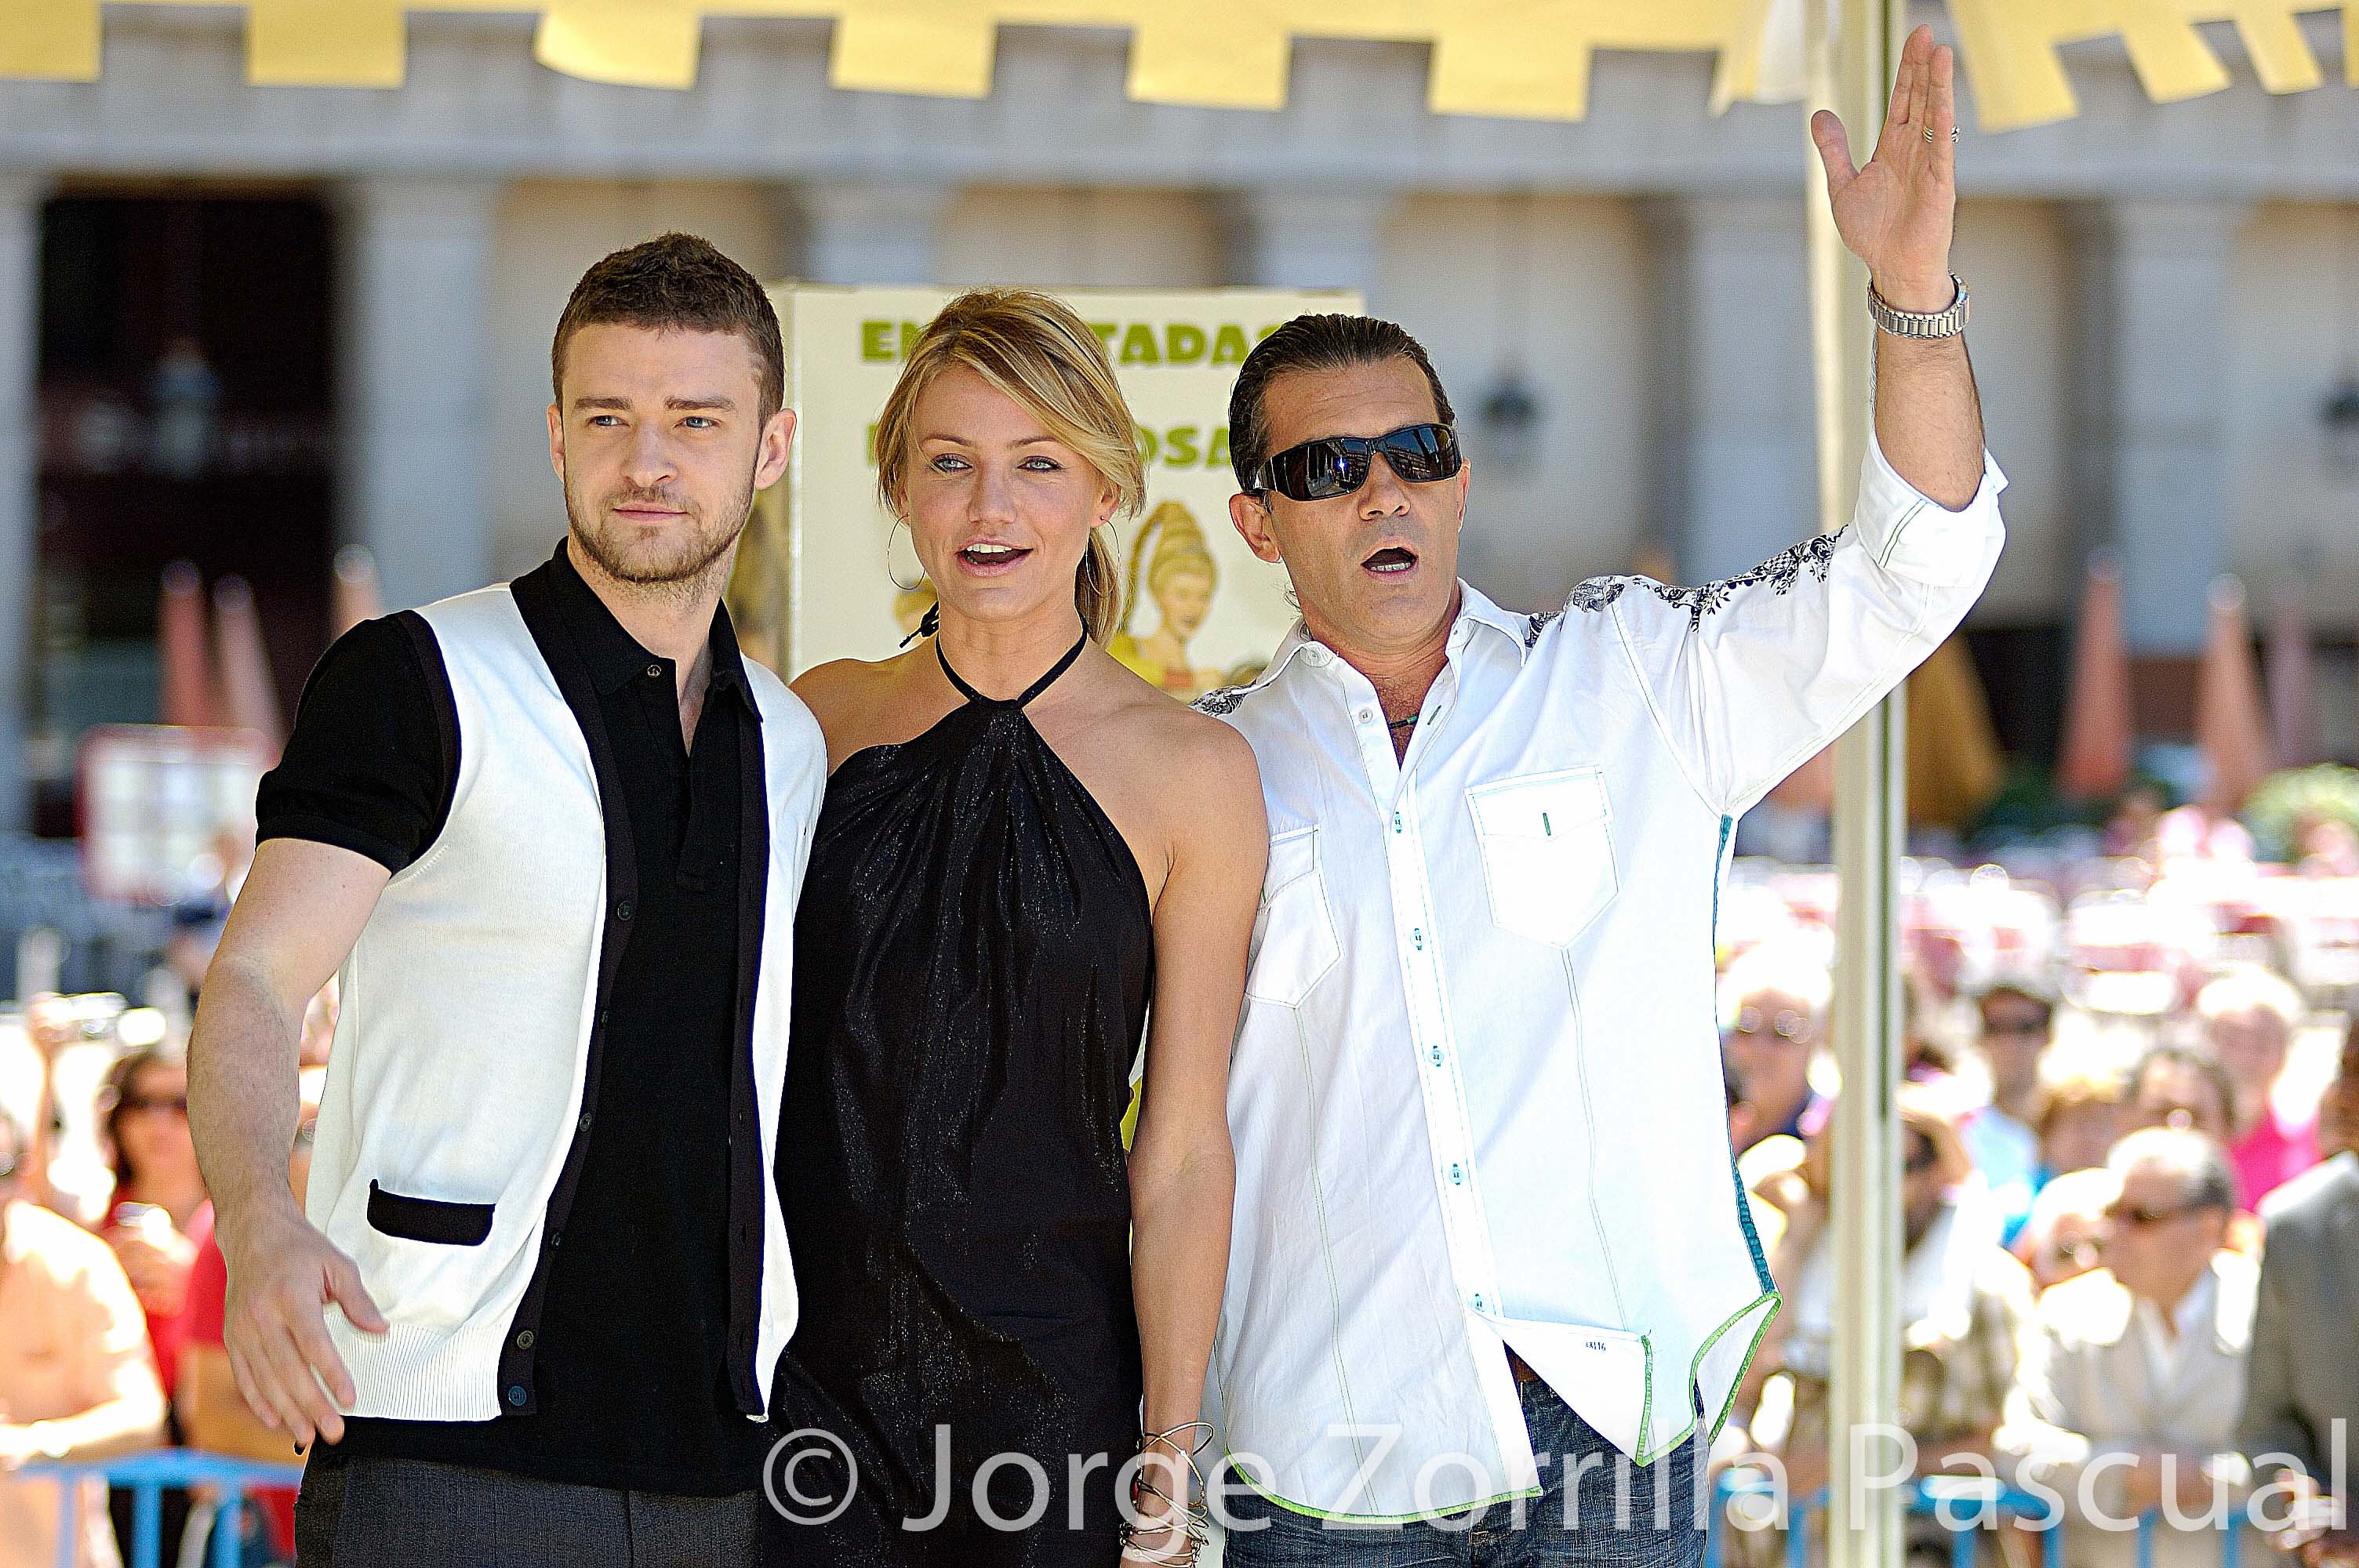 Fotografía Premiere Película Shrek Antonio Banderas Cameron Diaz y Cristian Timberlake Madrid © Jorg